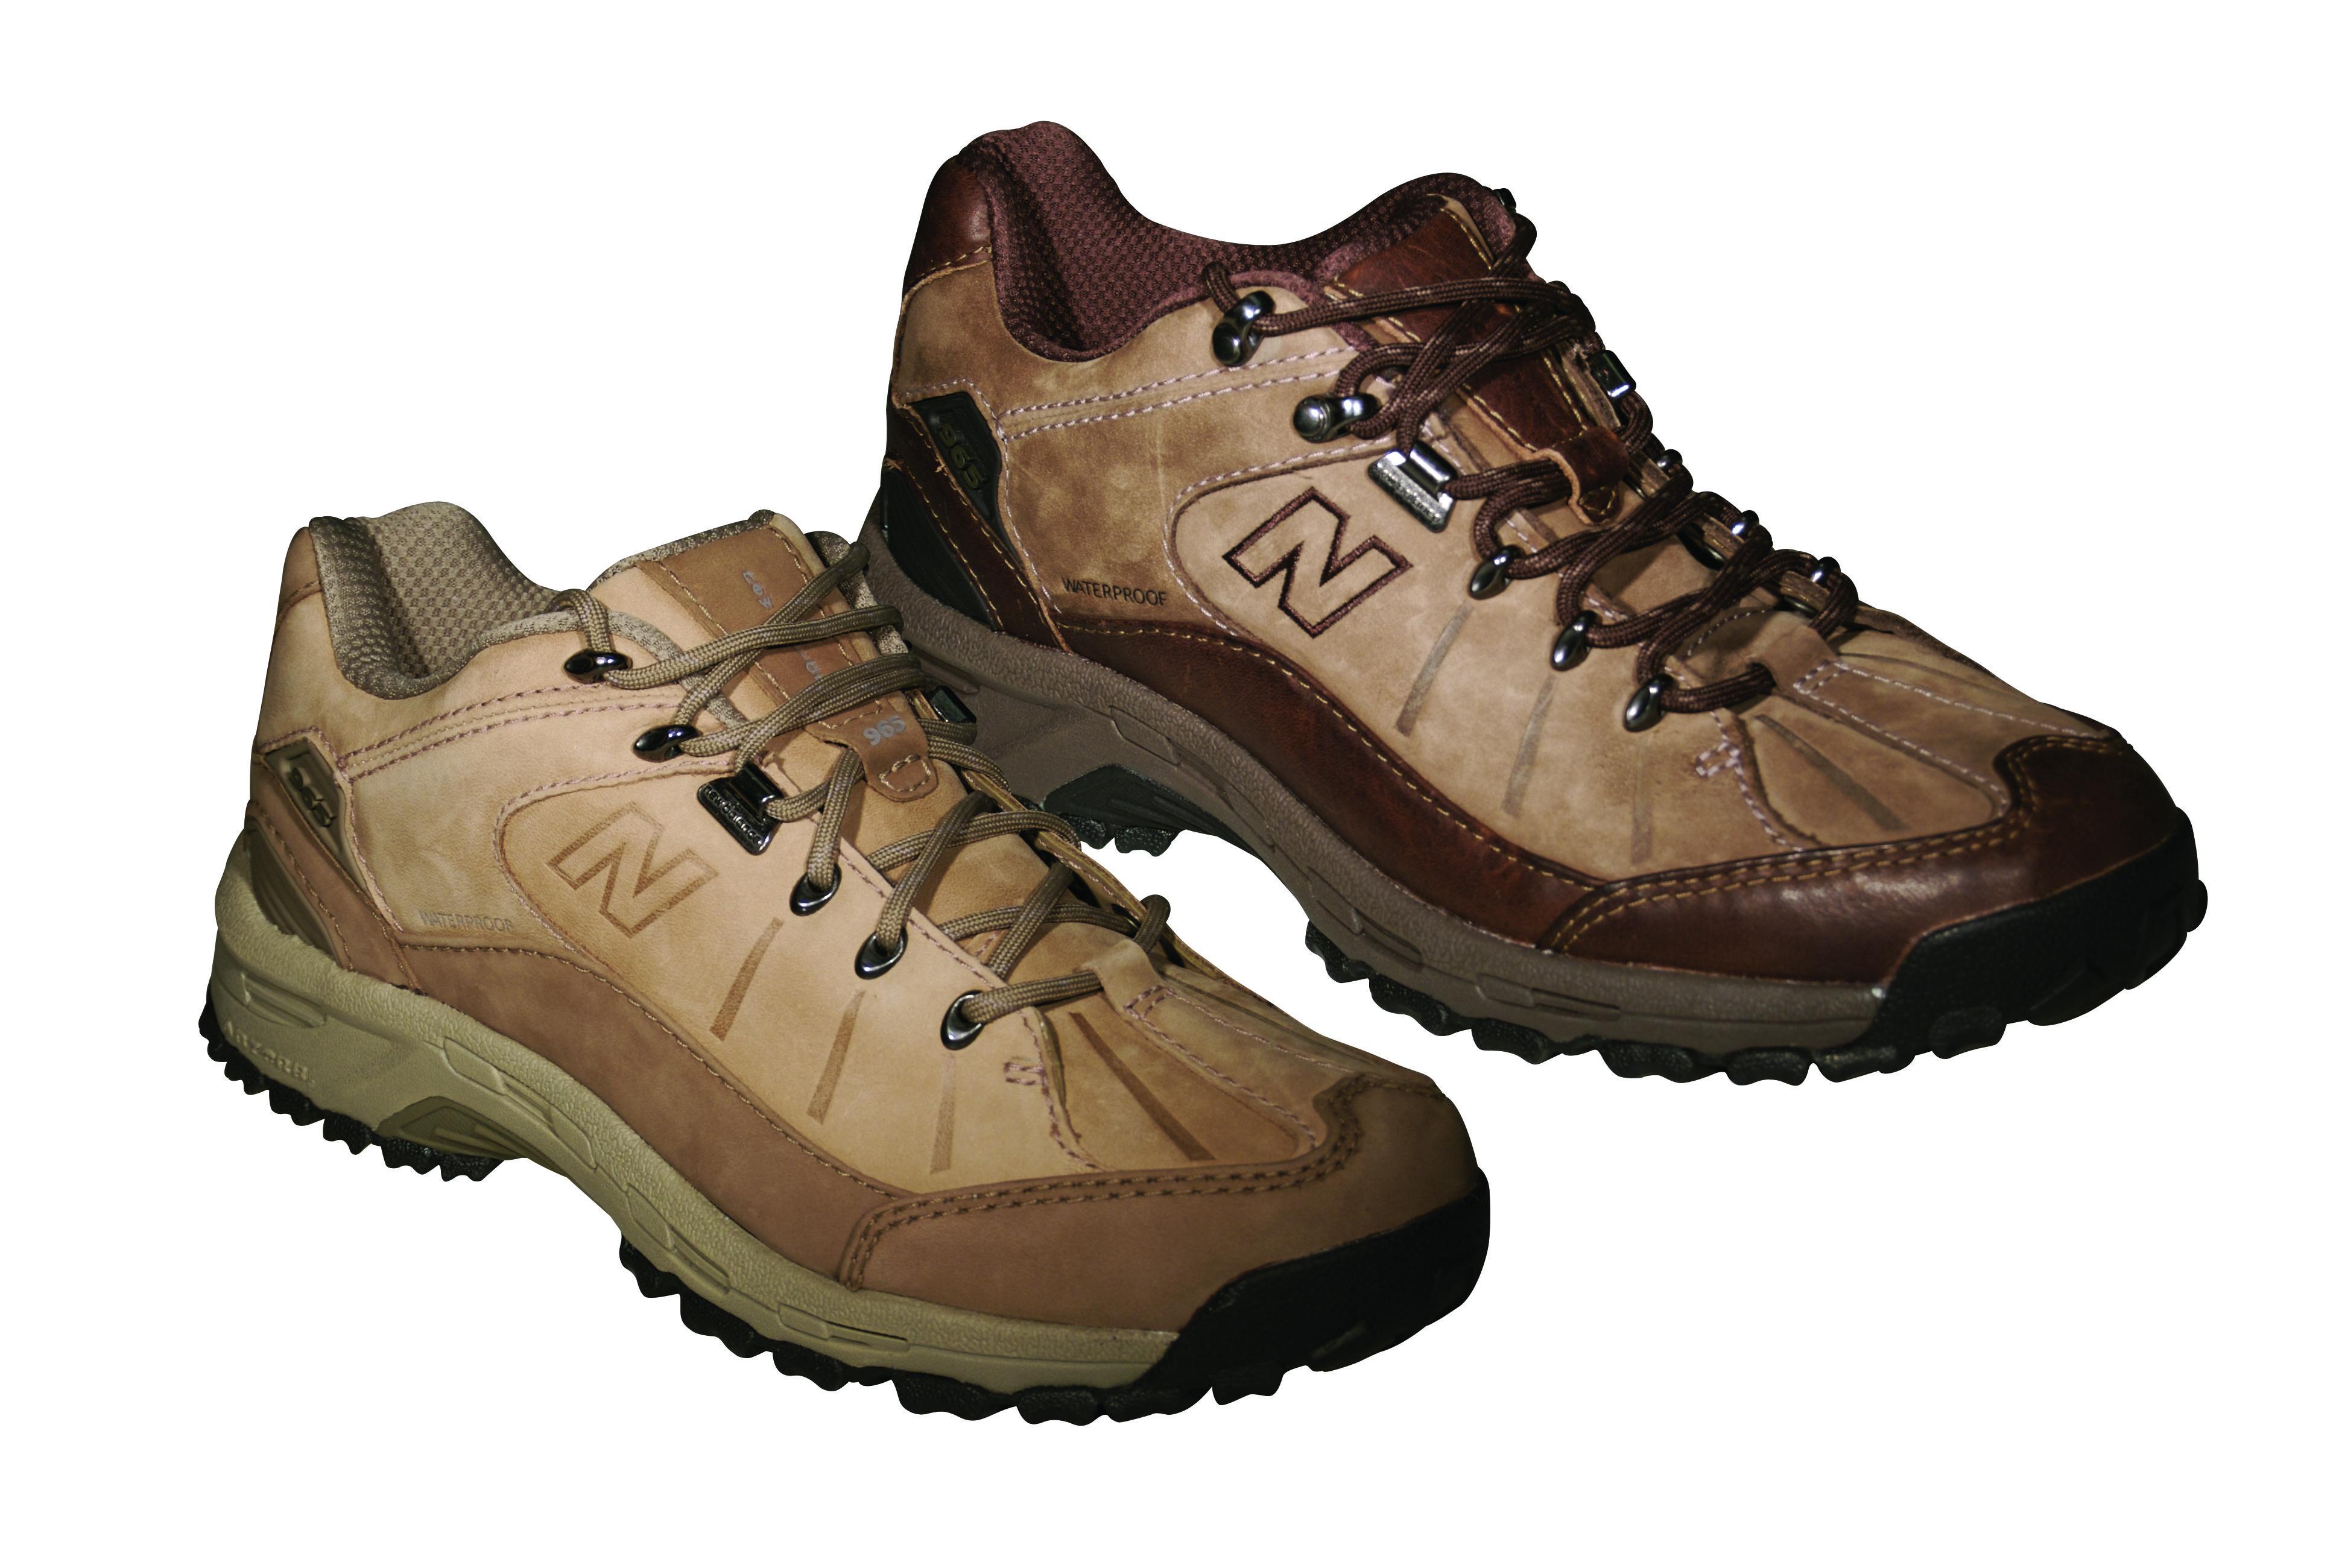 New Balance Country Walker/Hiker